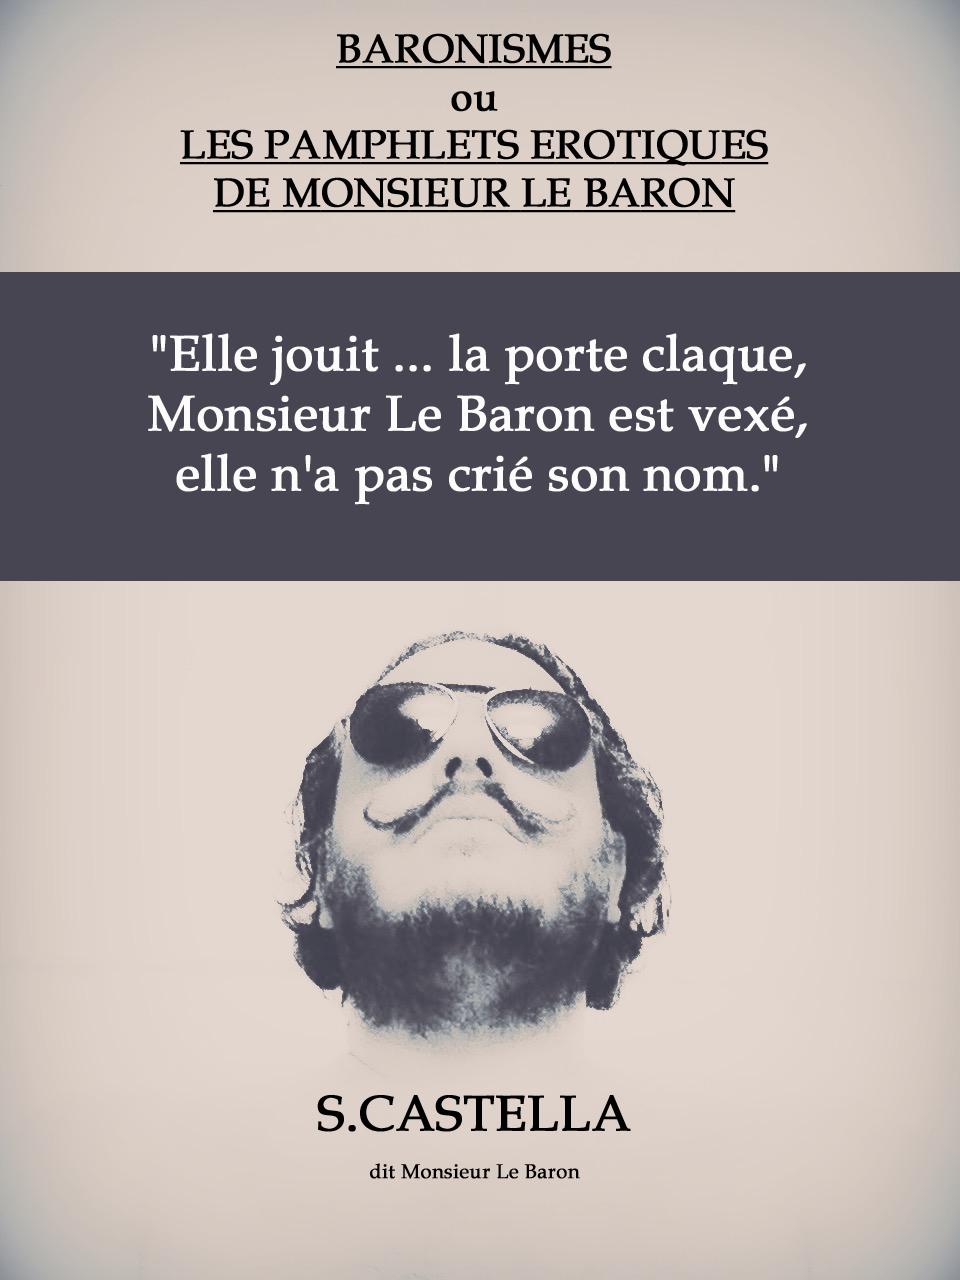 castella-baronisme11